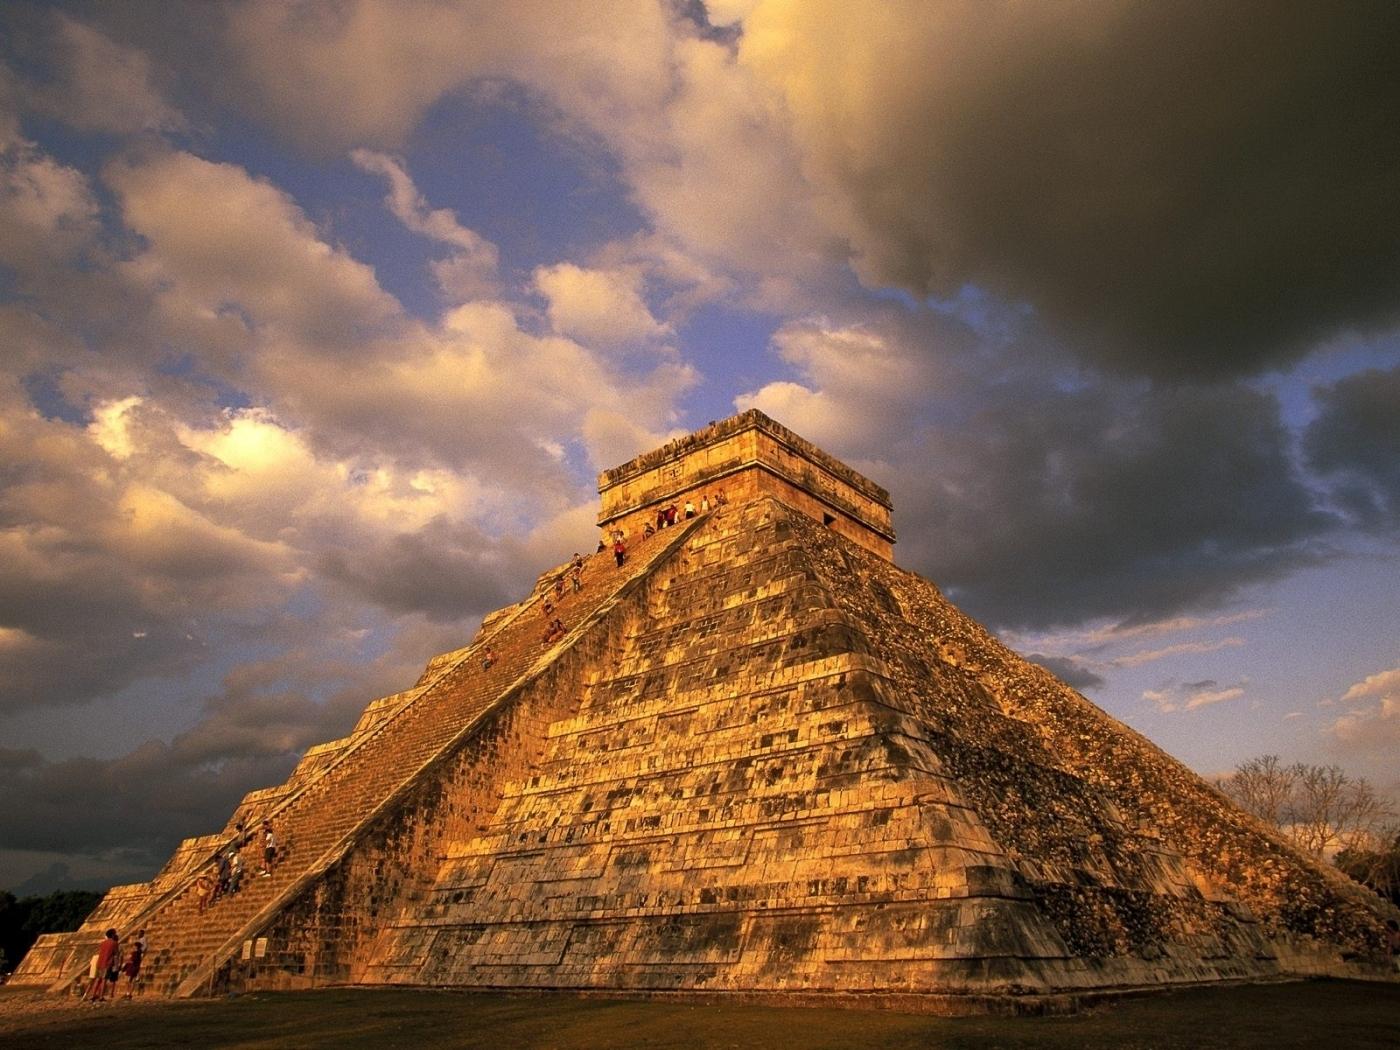 24390 скачать обои Пейзаж, Архитектура, Облака, Пирамиды - заставки и картинки бесплатно